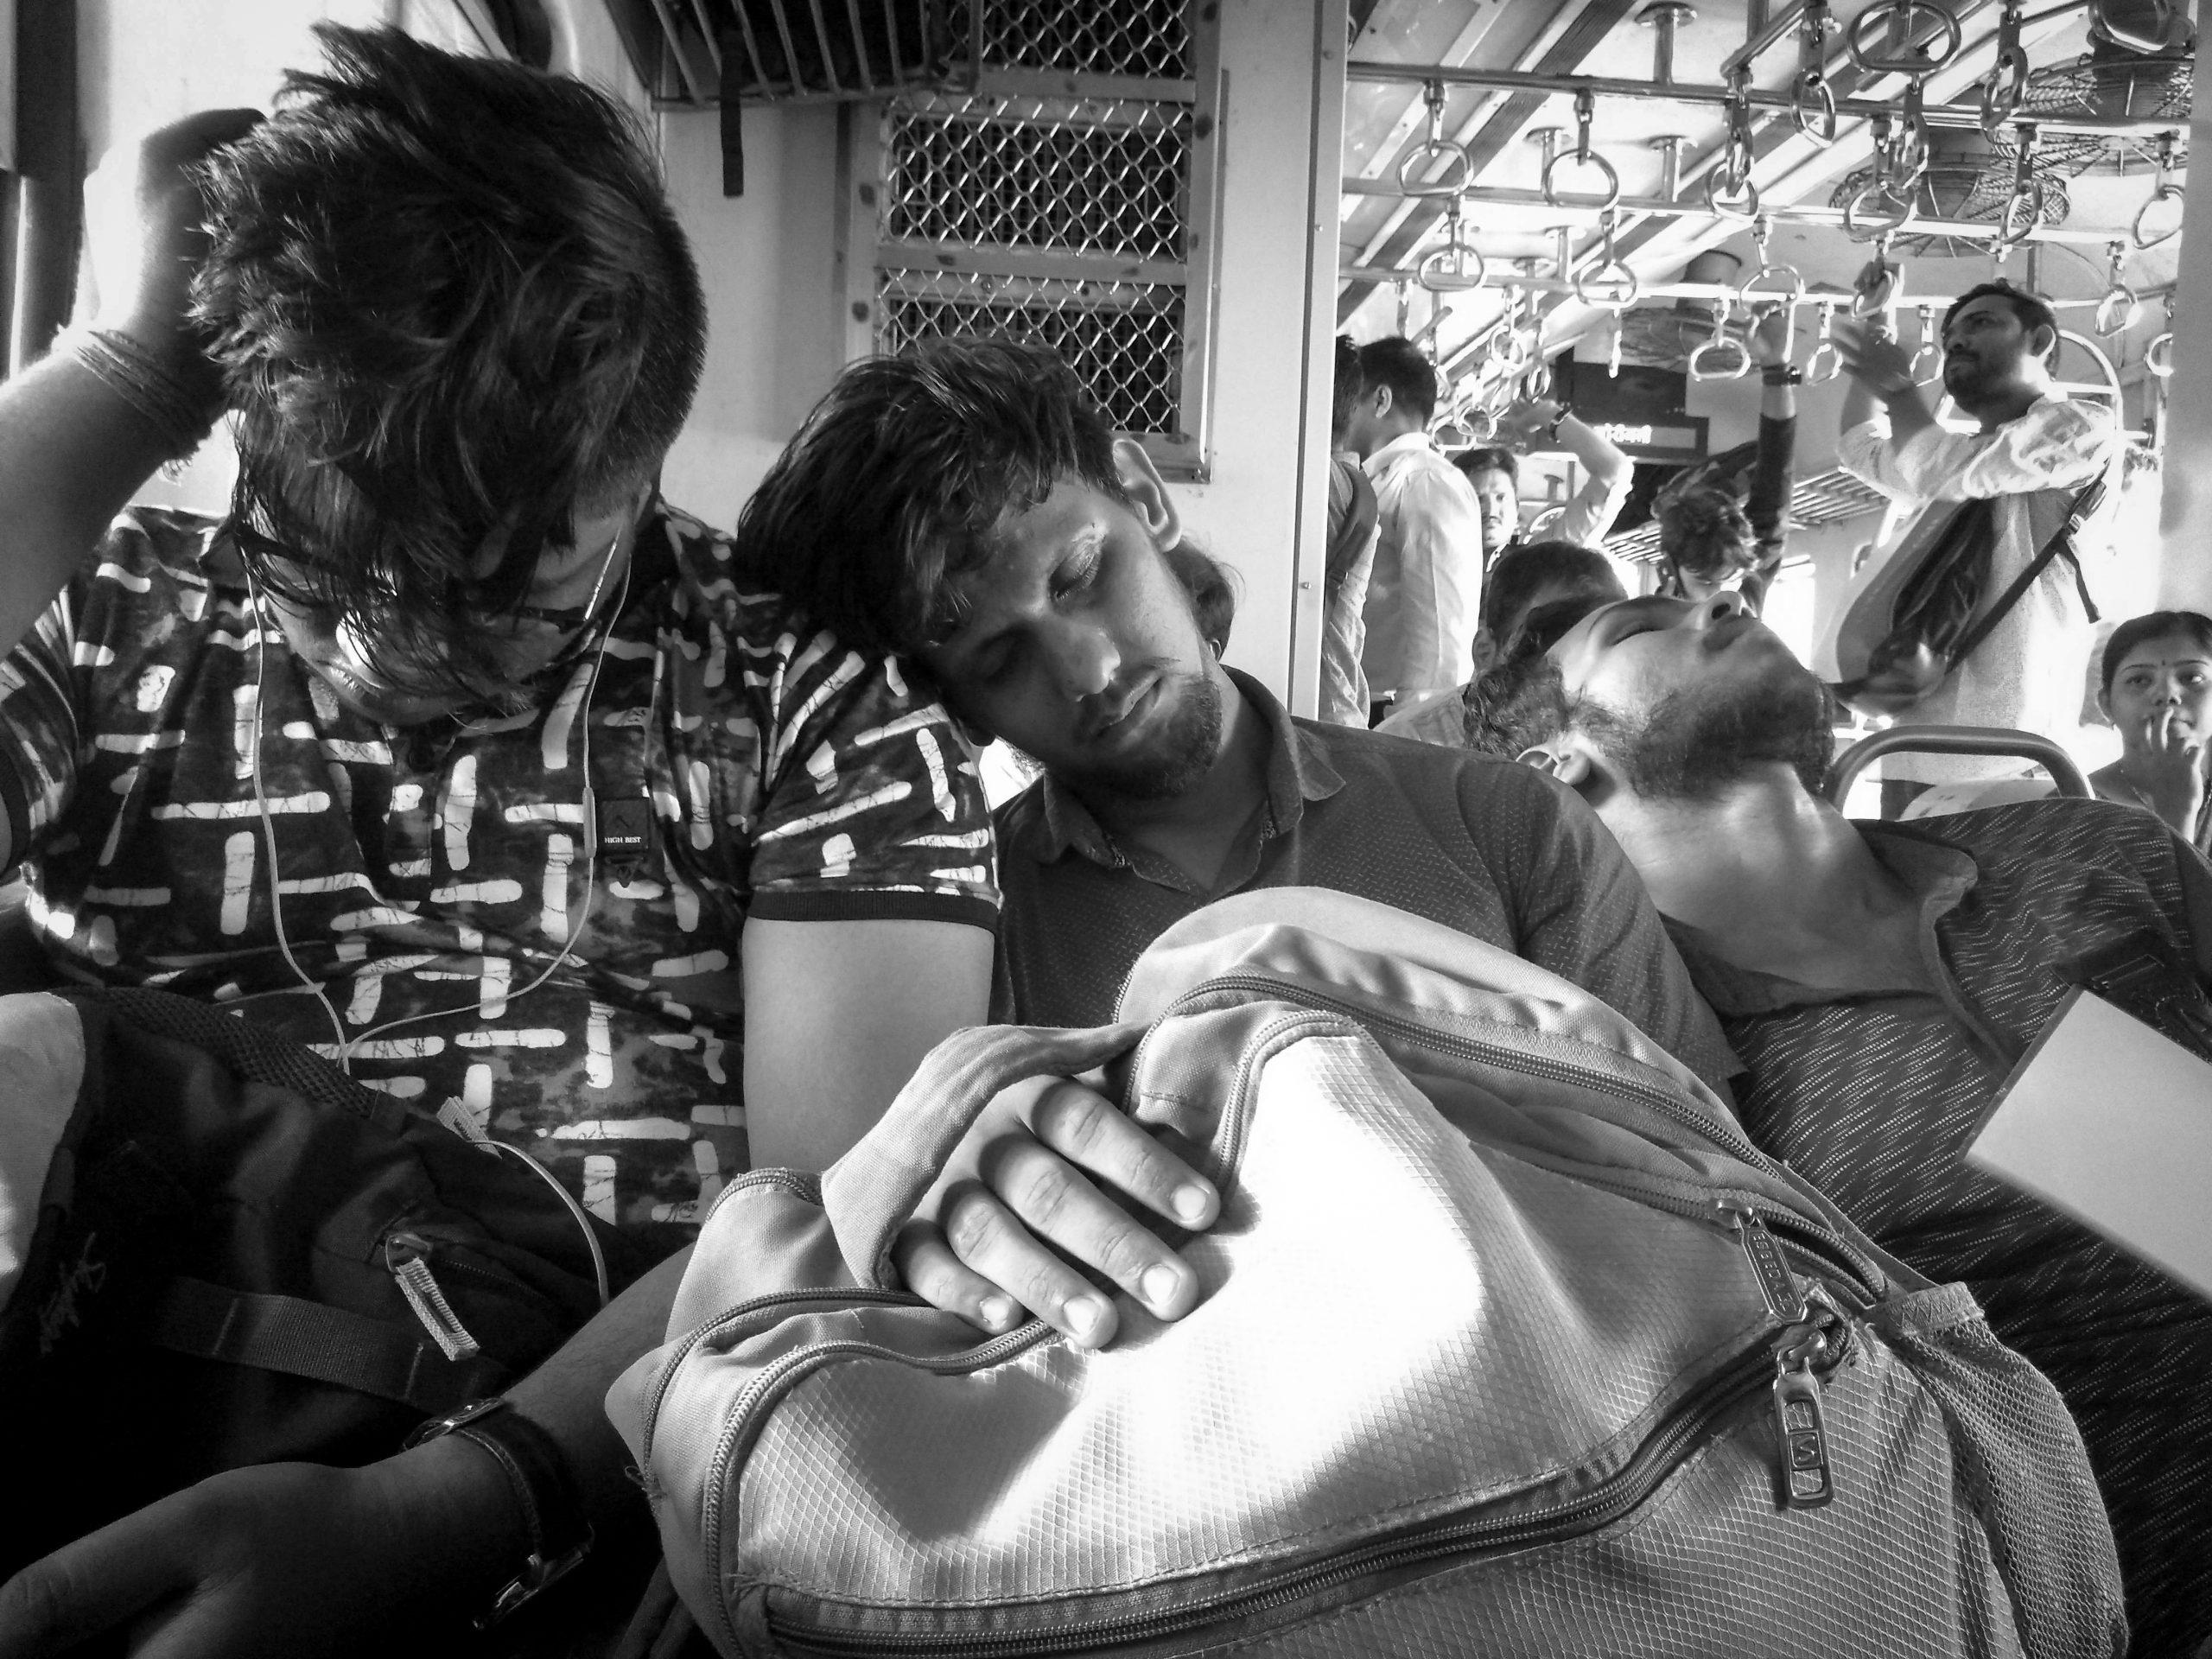 Men Sleeping on the Train